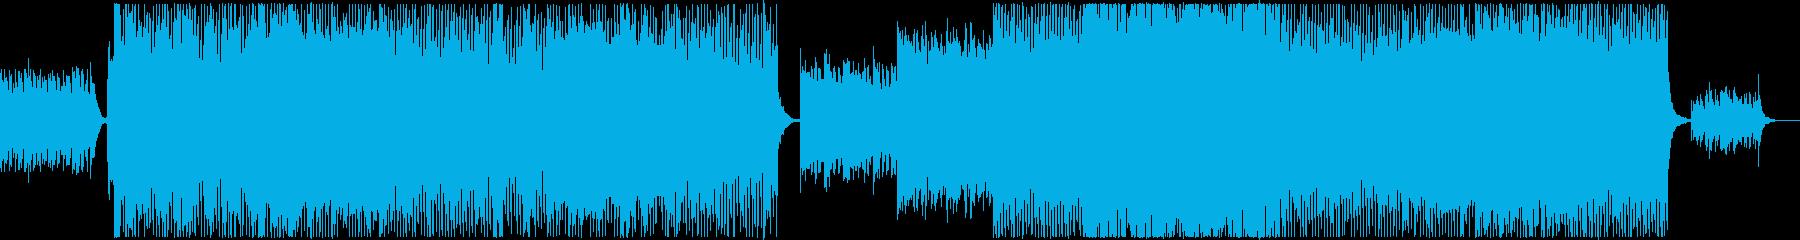 美メロ系ハウスの再生済みの波形